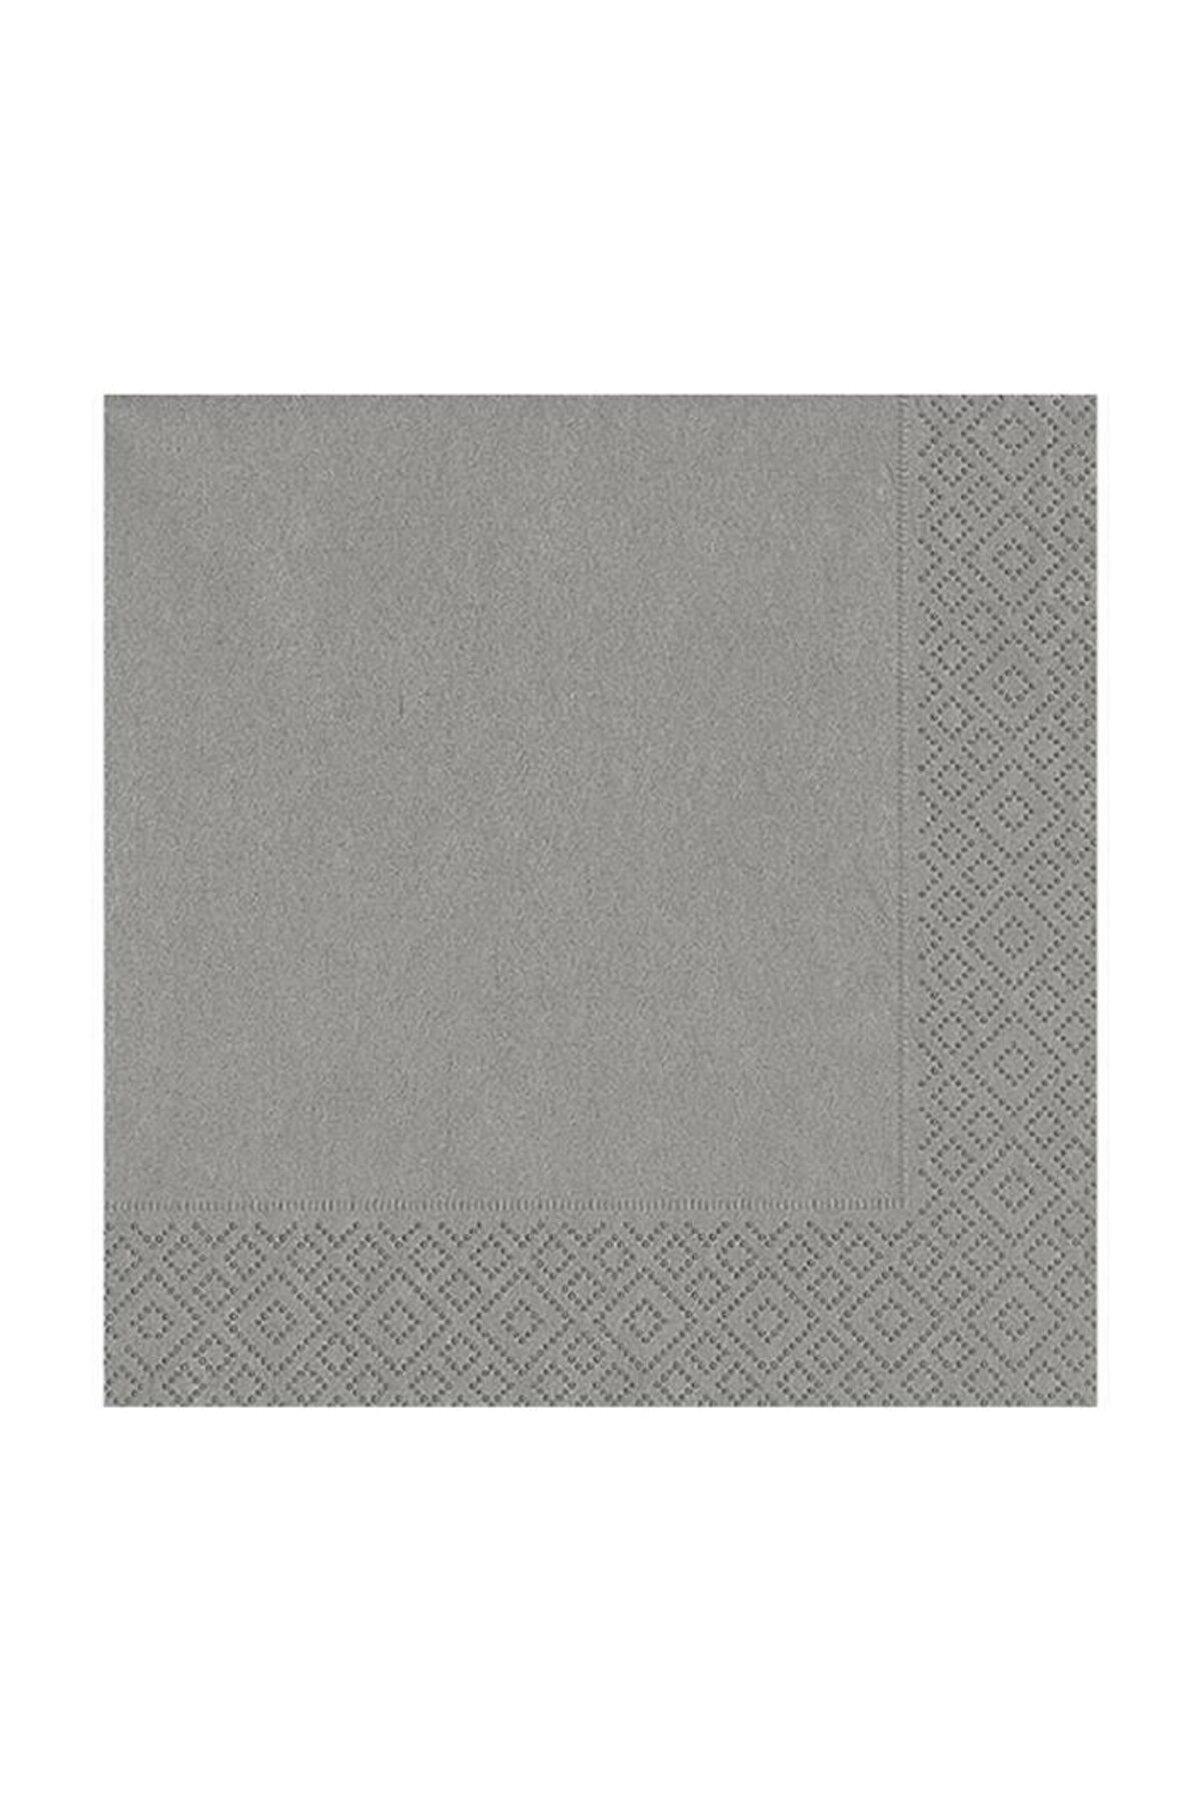 Kikajoy Gümüş Kağıt Peçete 33x33 cm 20'li